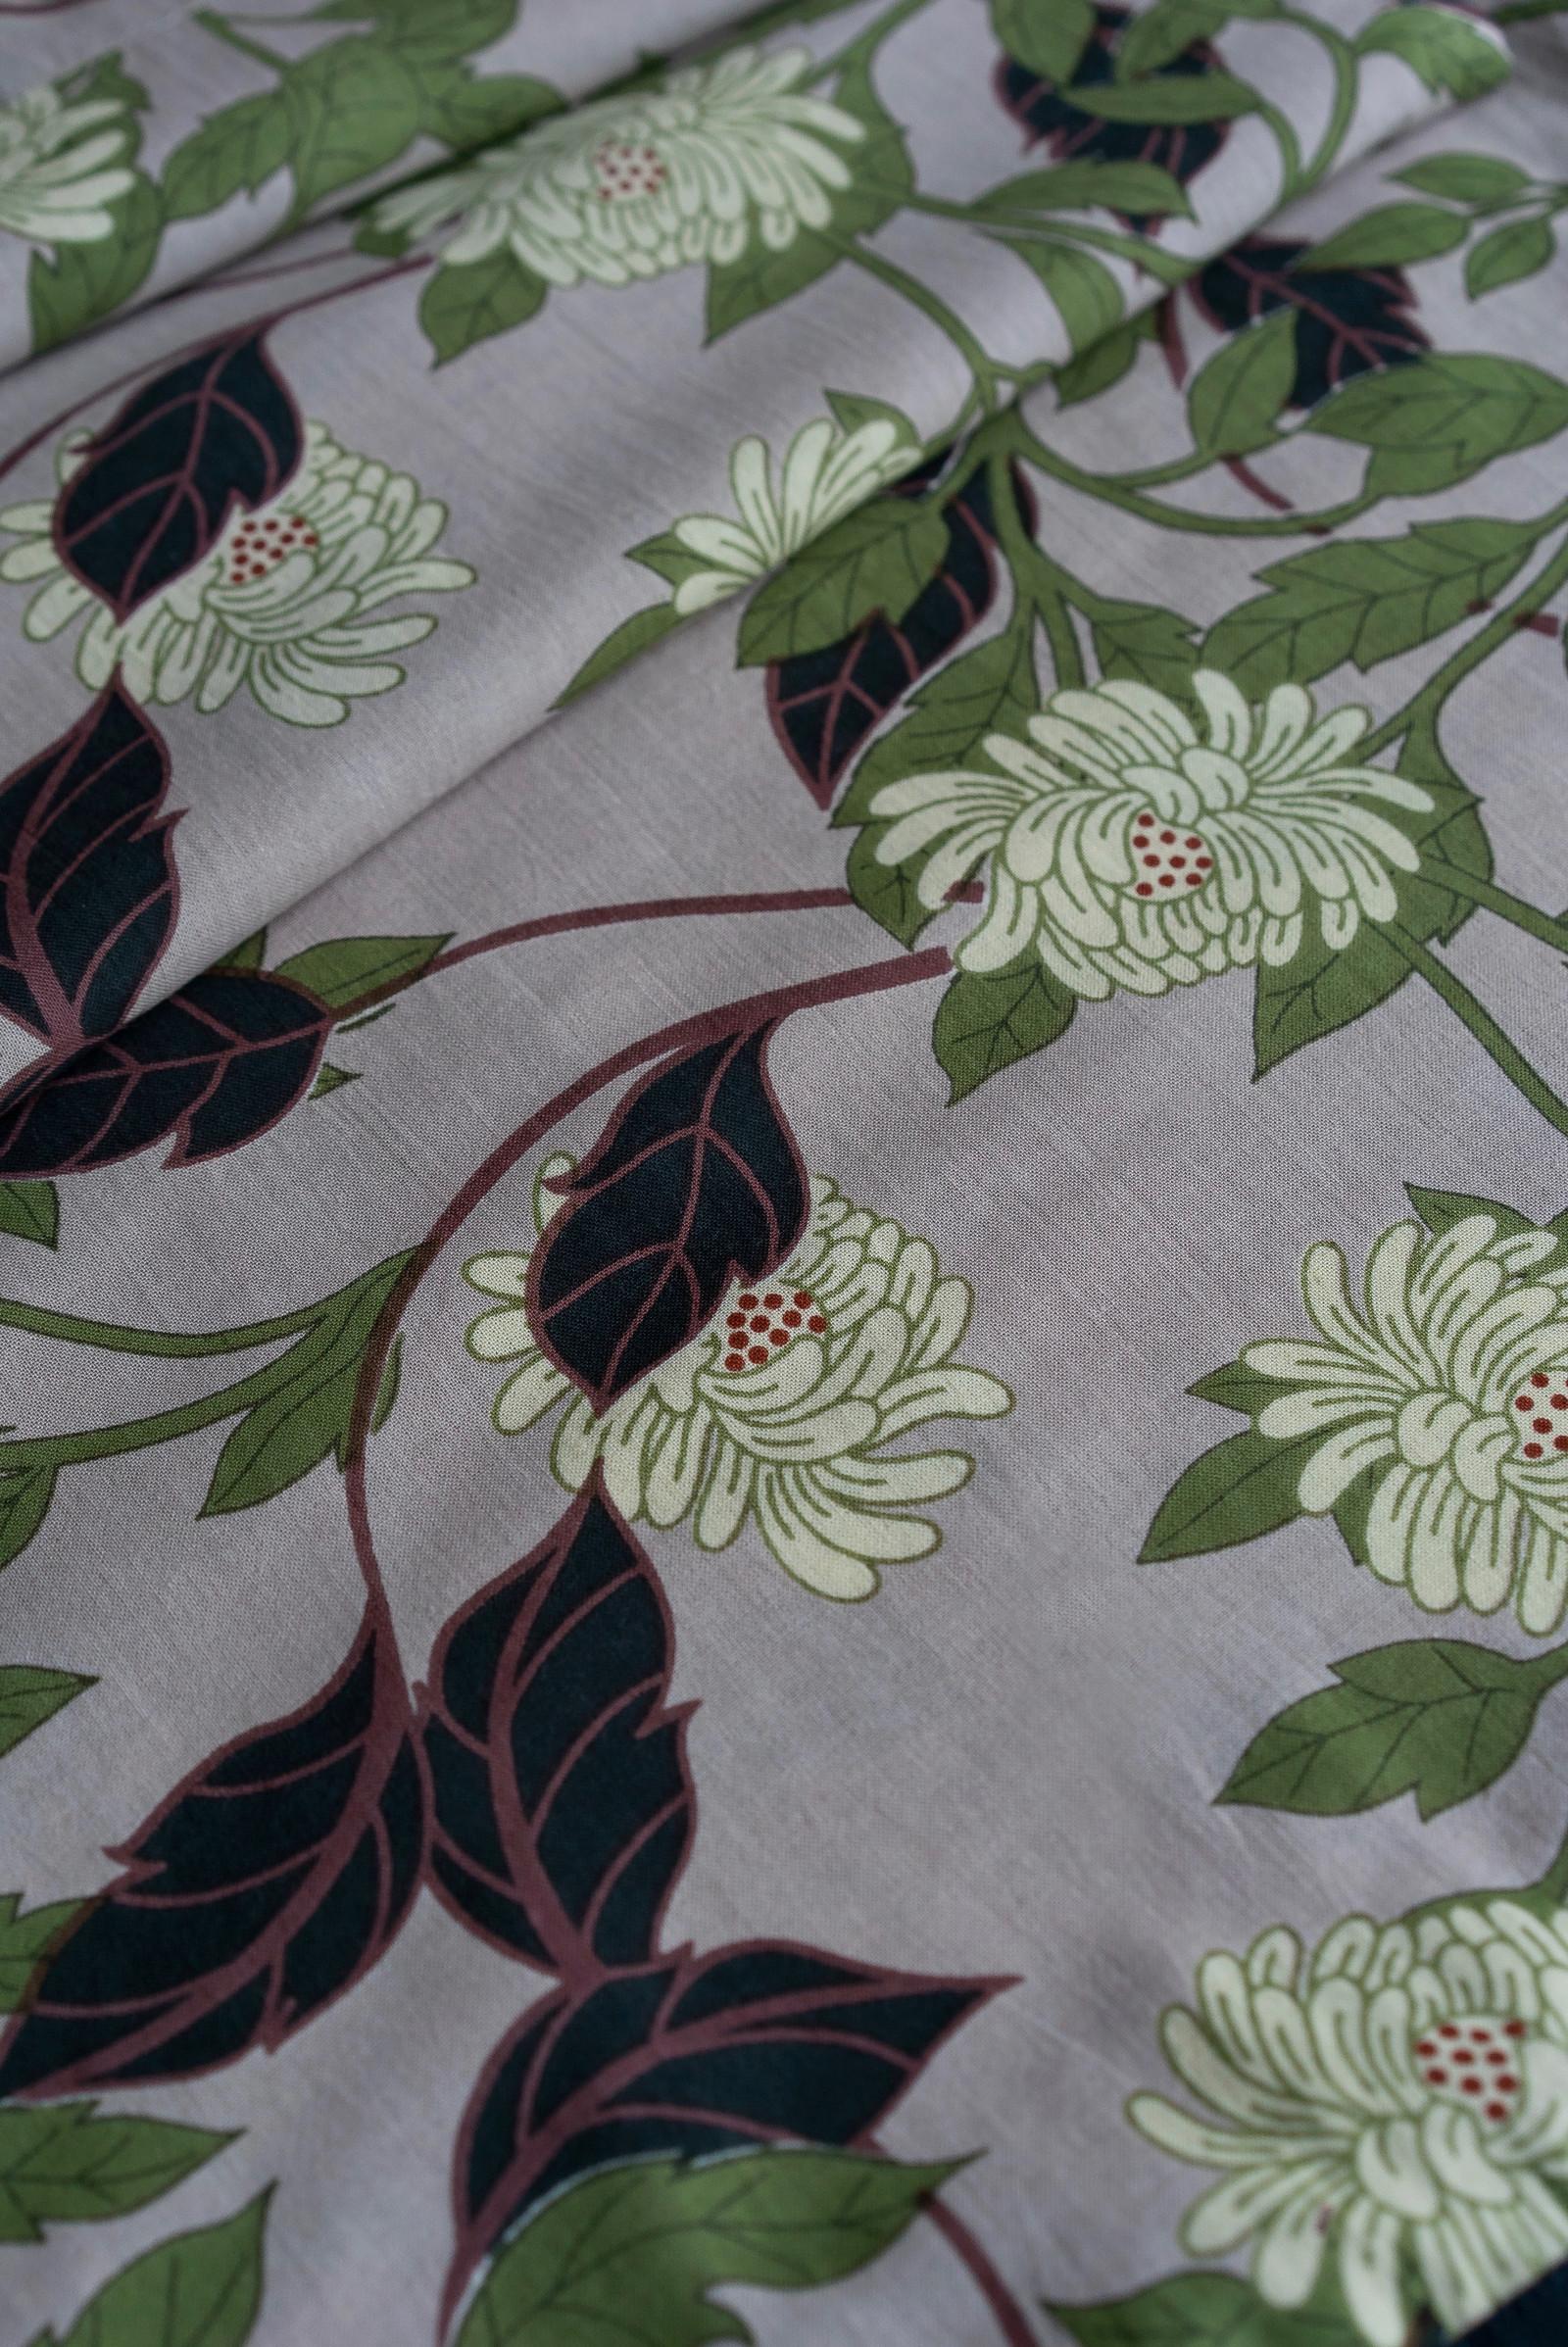 Chameleon Reversible Skirt - Magnolia & Freesia